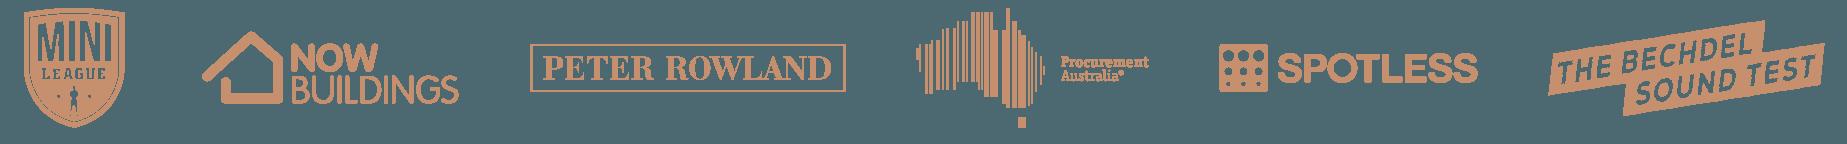 Clients: Mini League, Now Building, Peter Rowland, Procurement Australia, Spotless, The Bechdel Sound Test